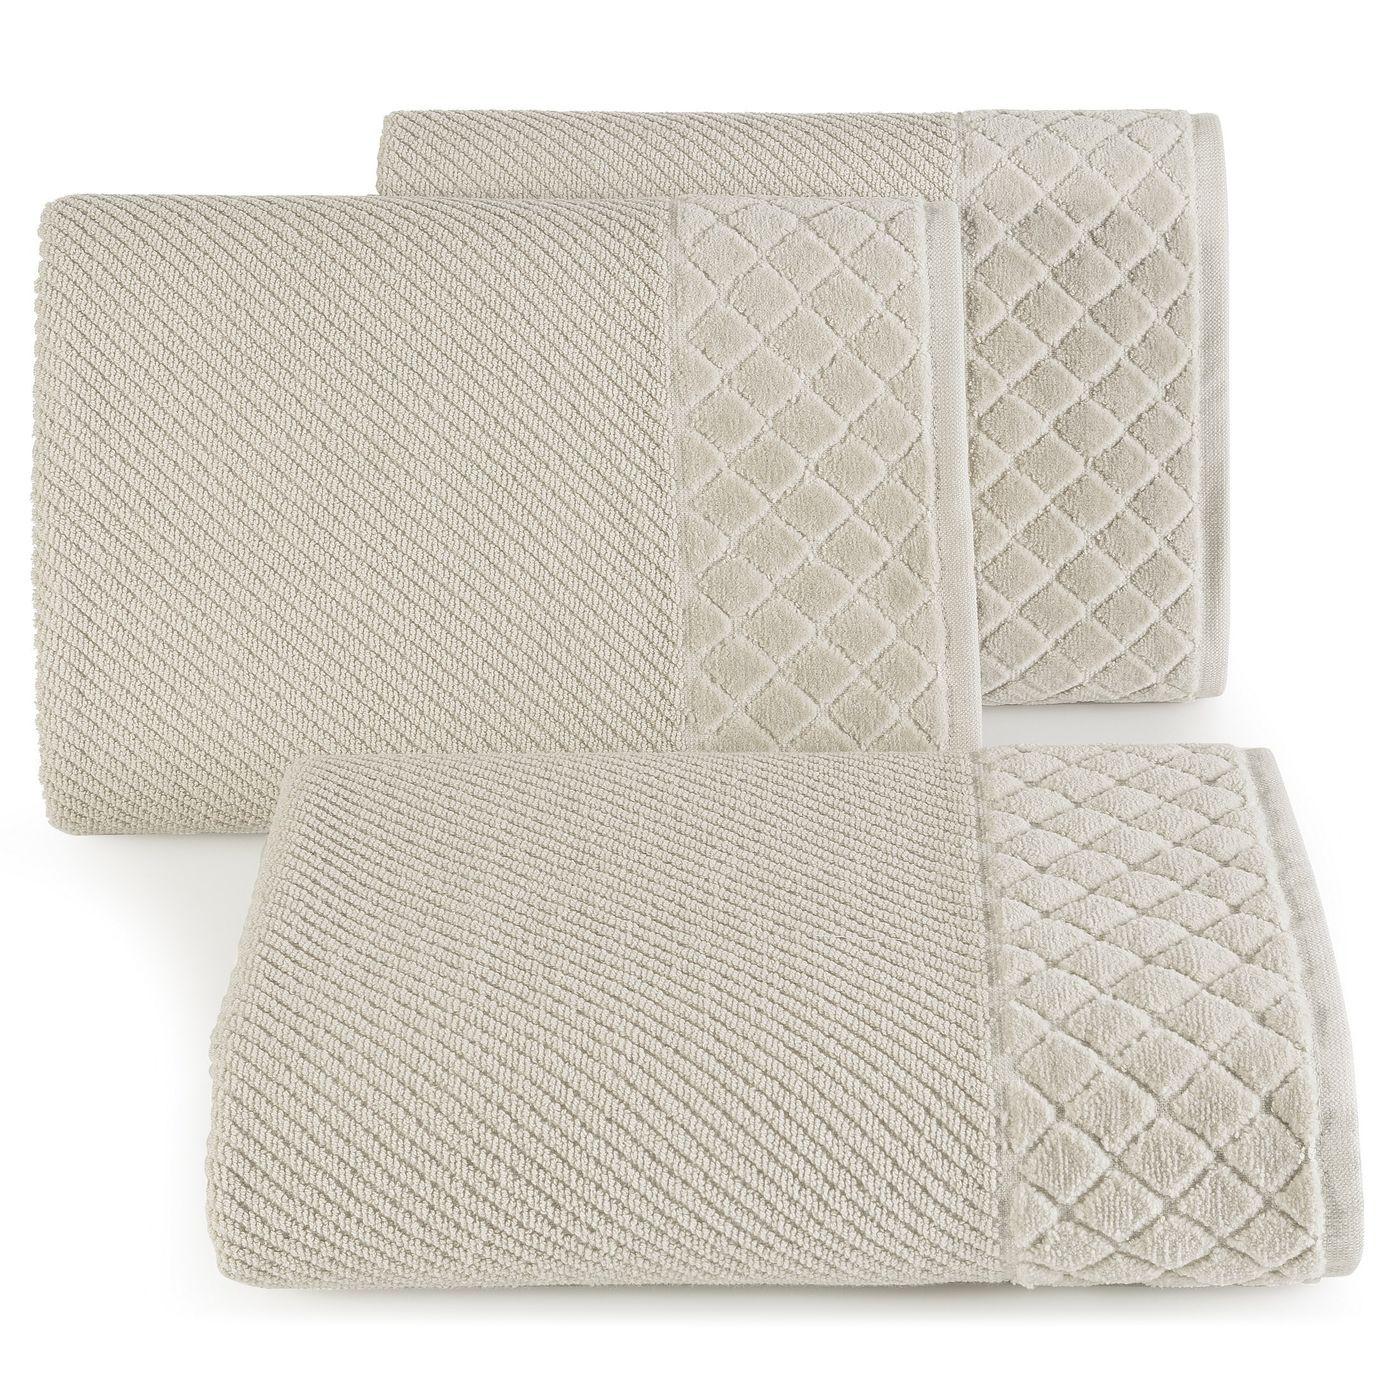 Ręcznik z bawełny z miękką bordiurą w kosteczkę 70x140cm beżowy